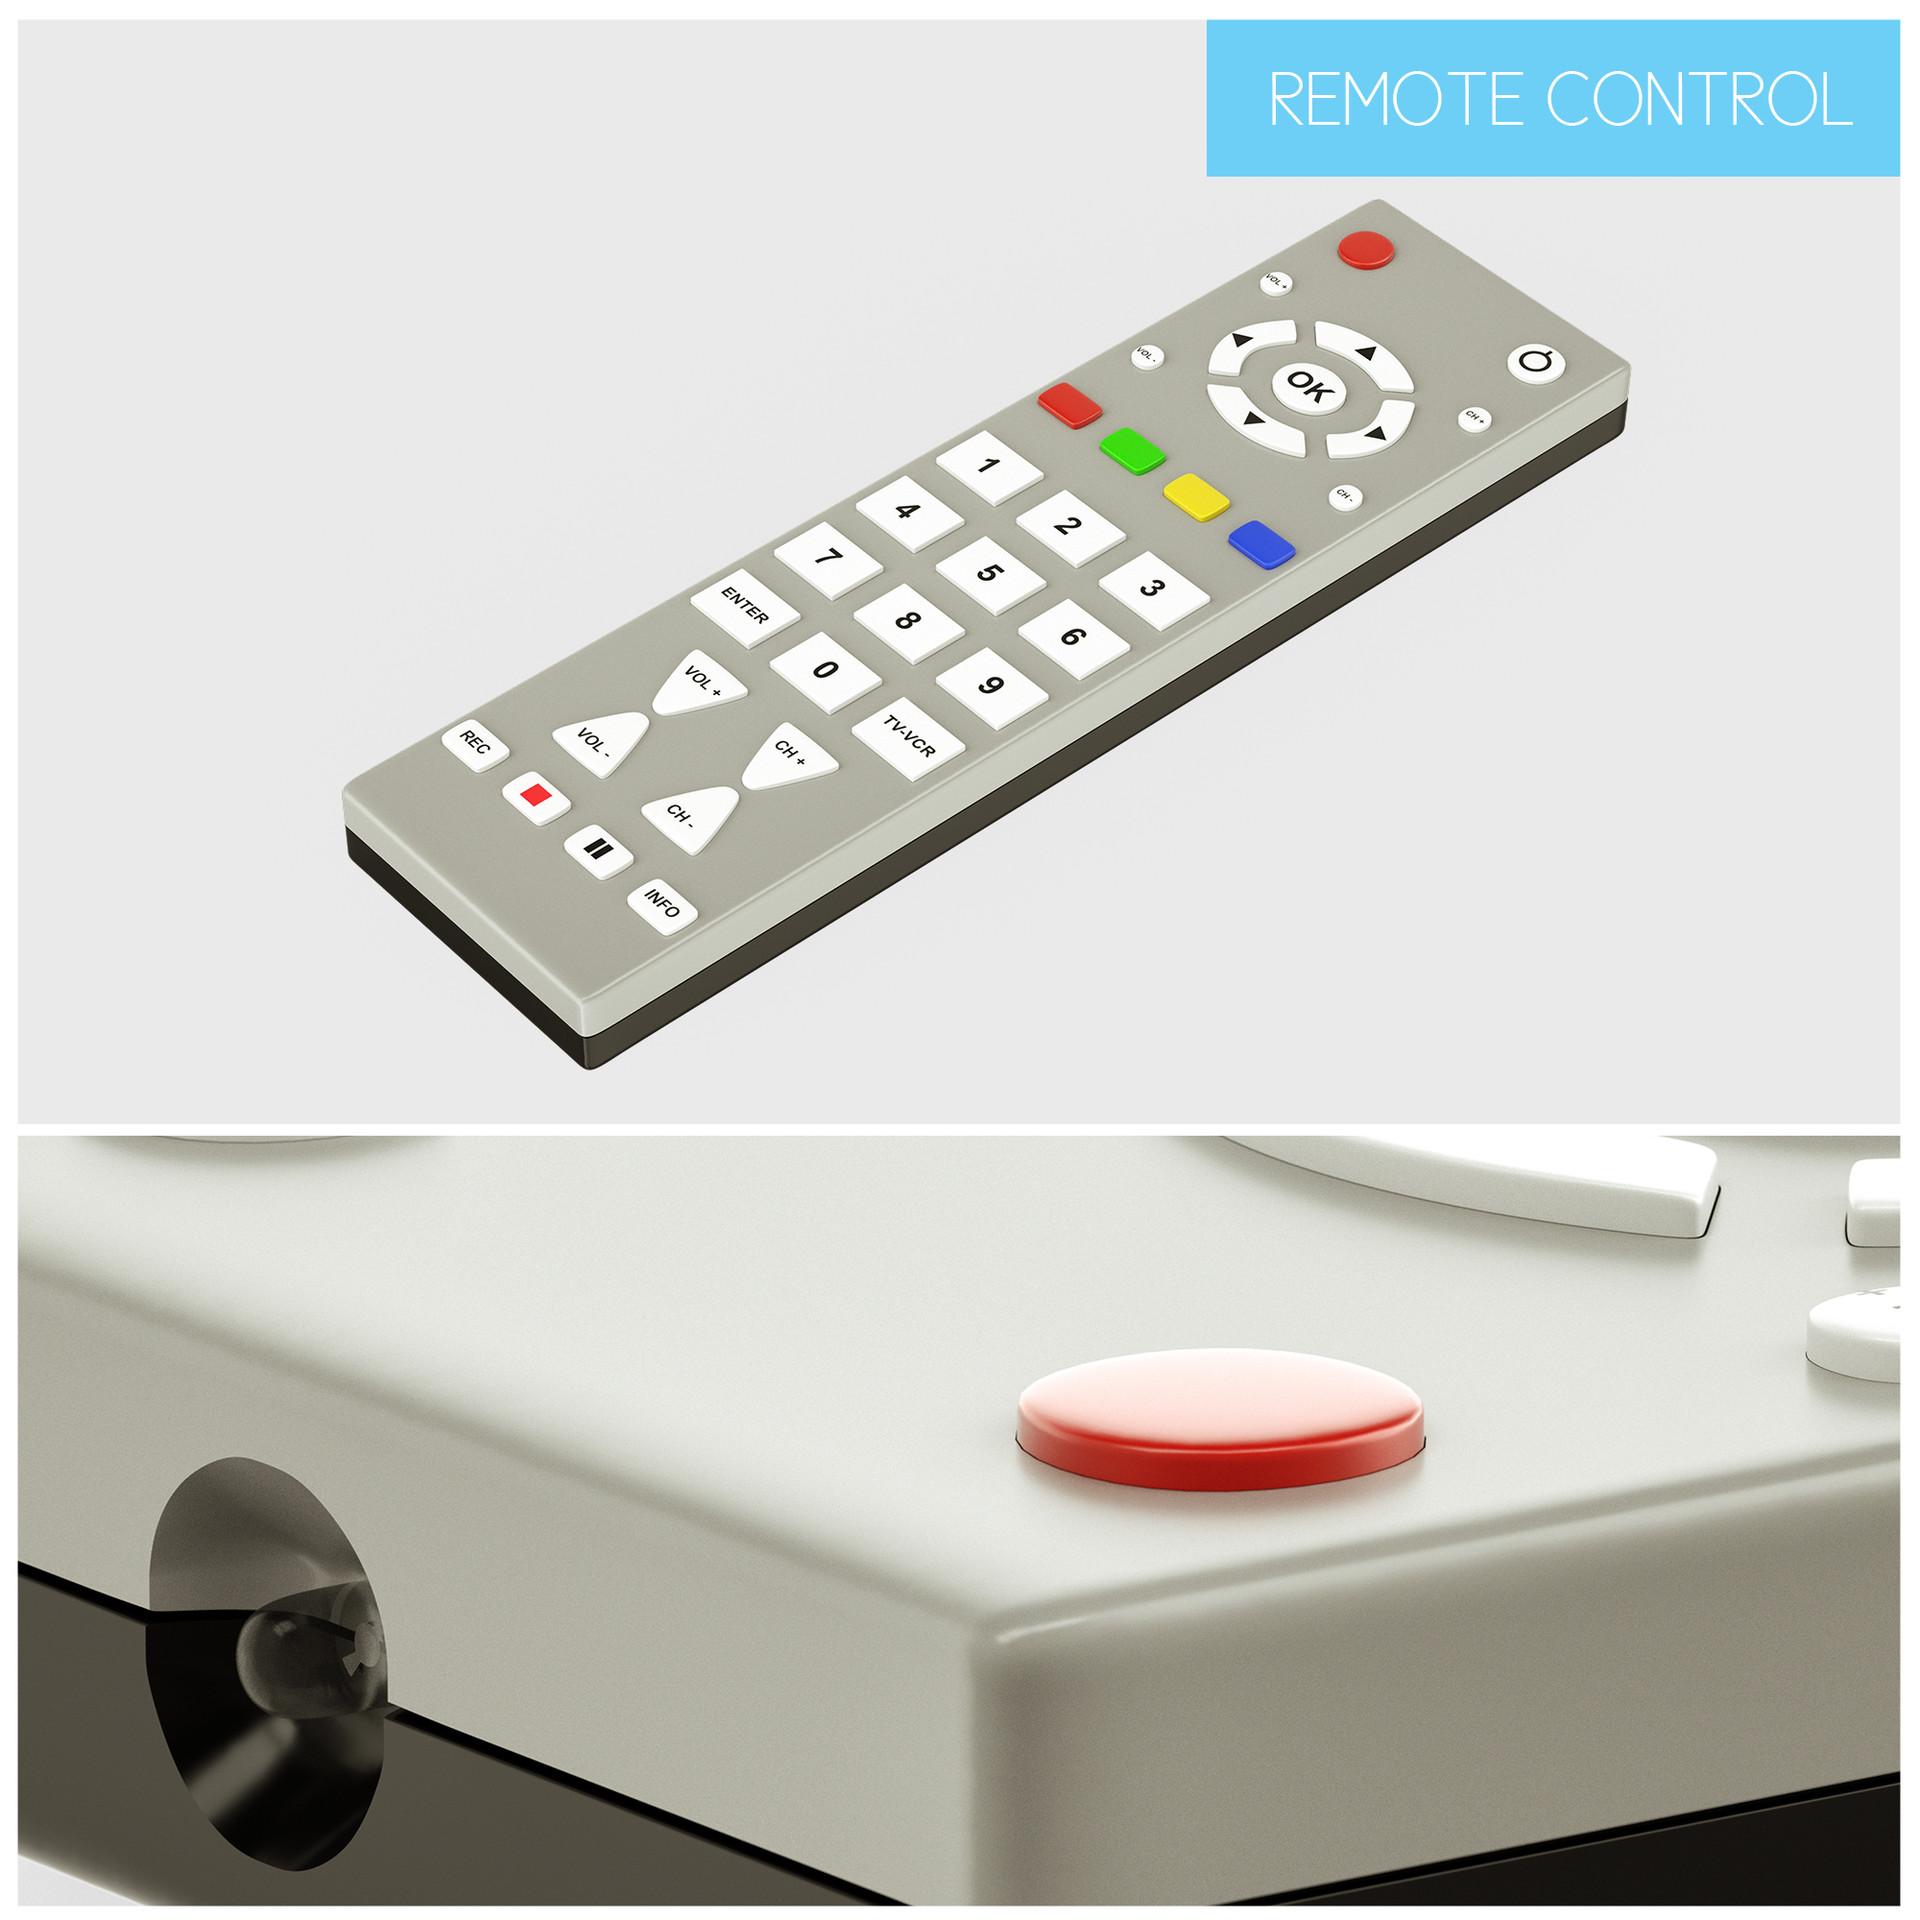 Marco baccioli electronic vol1 remote control